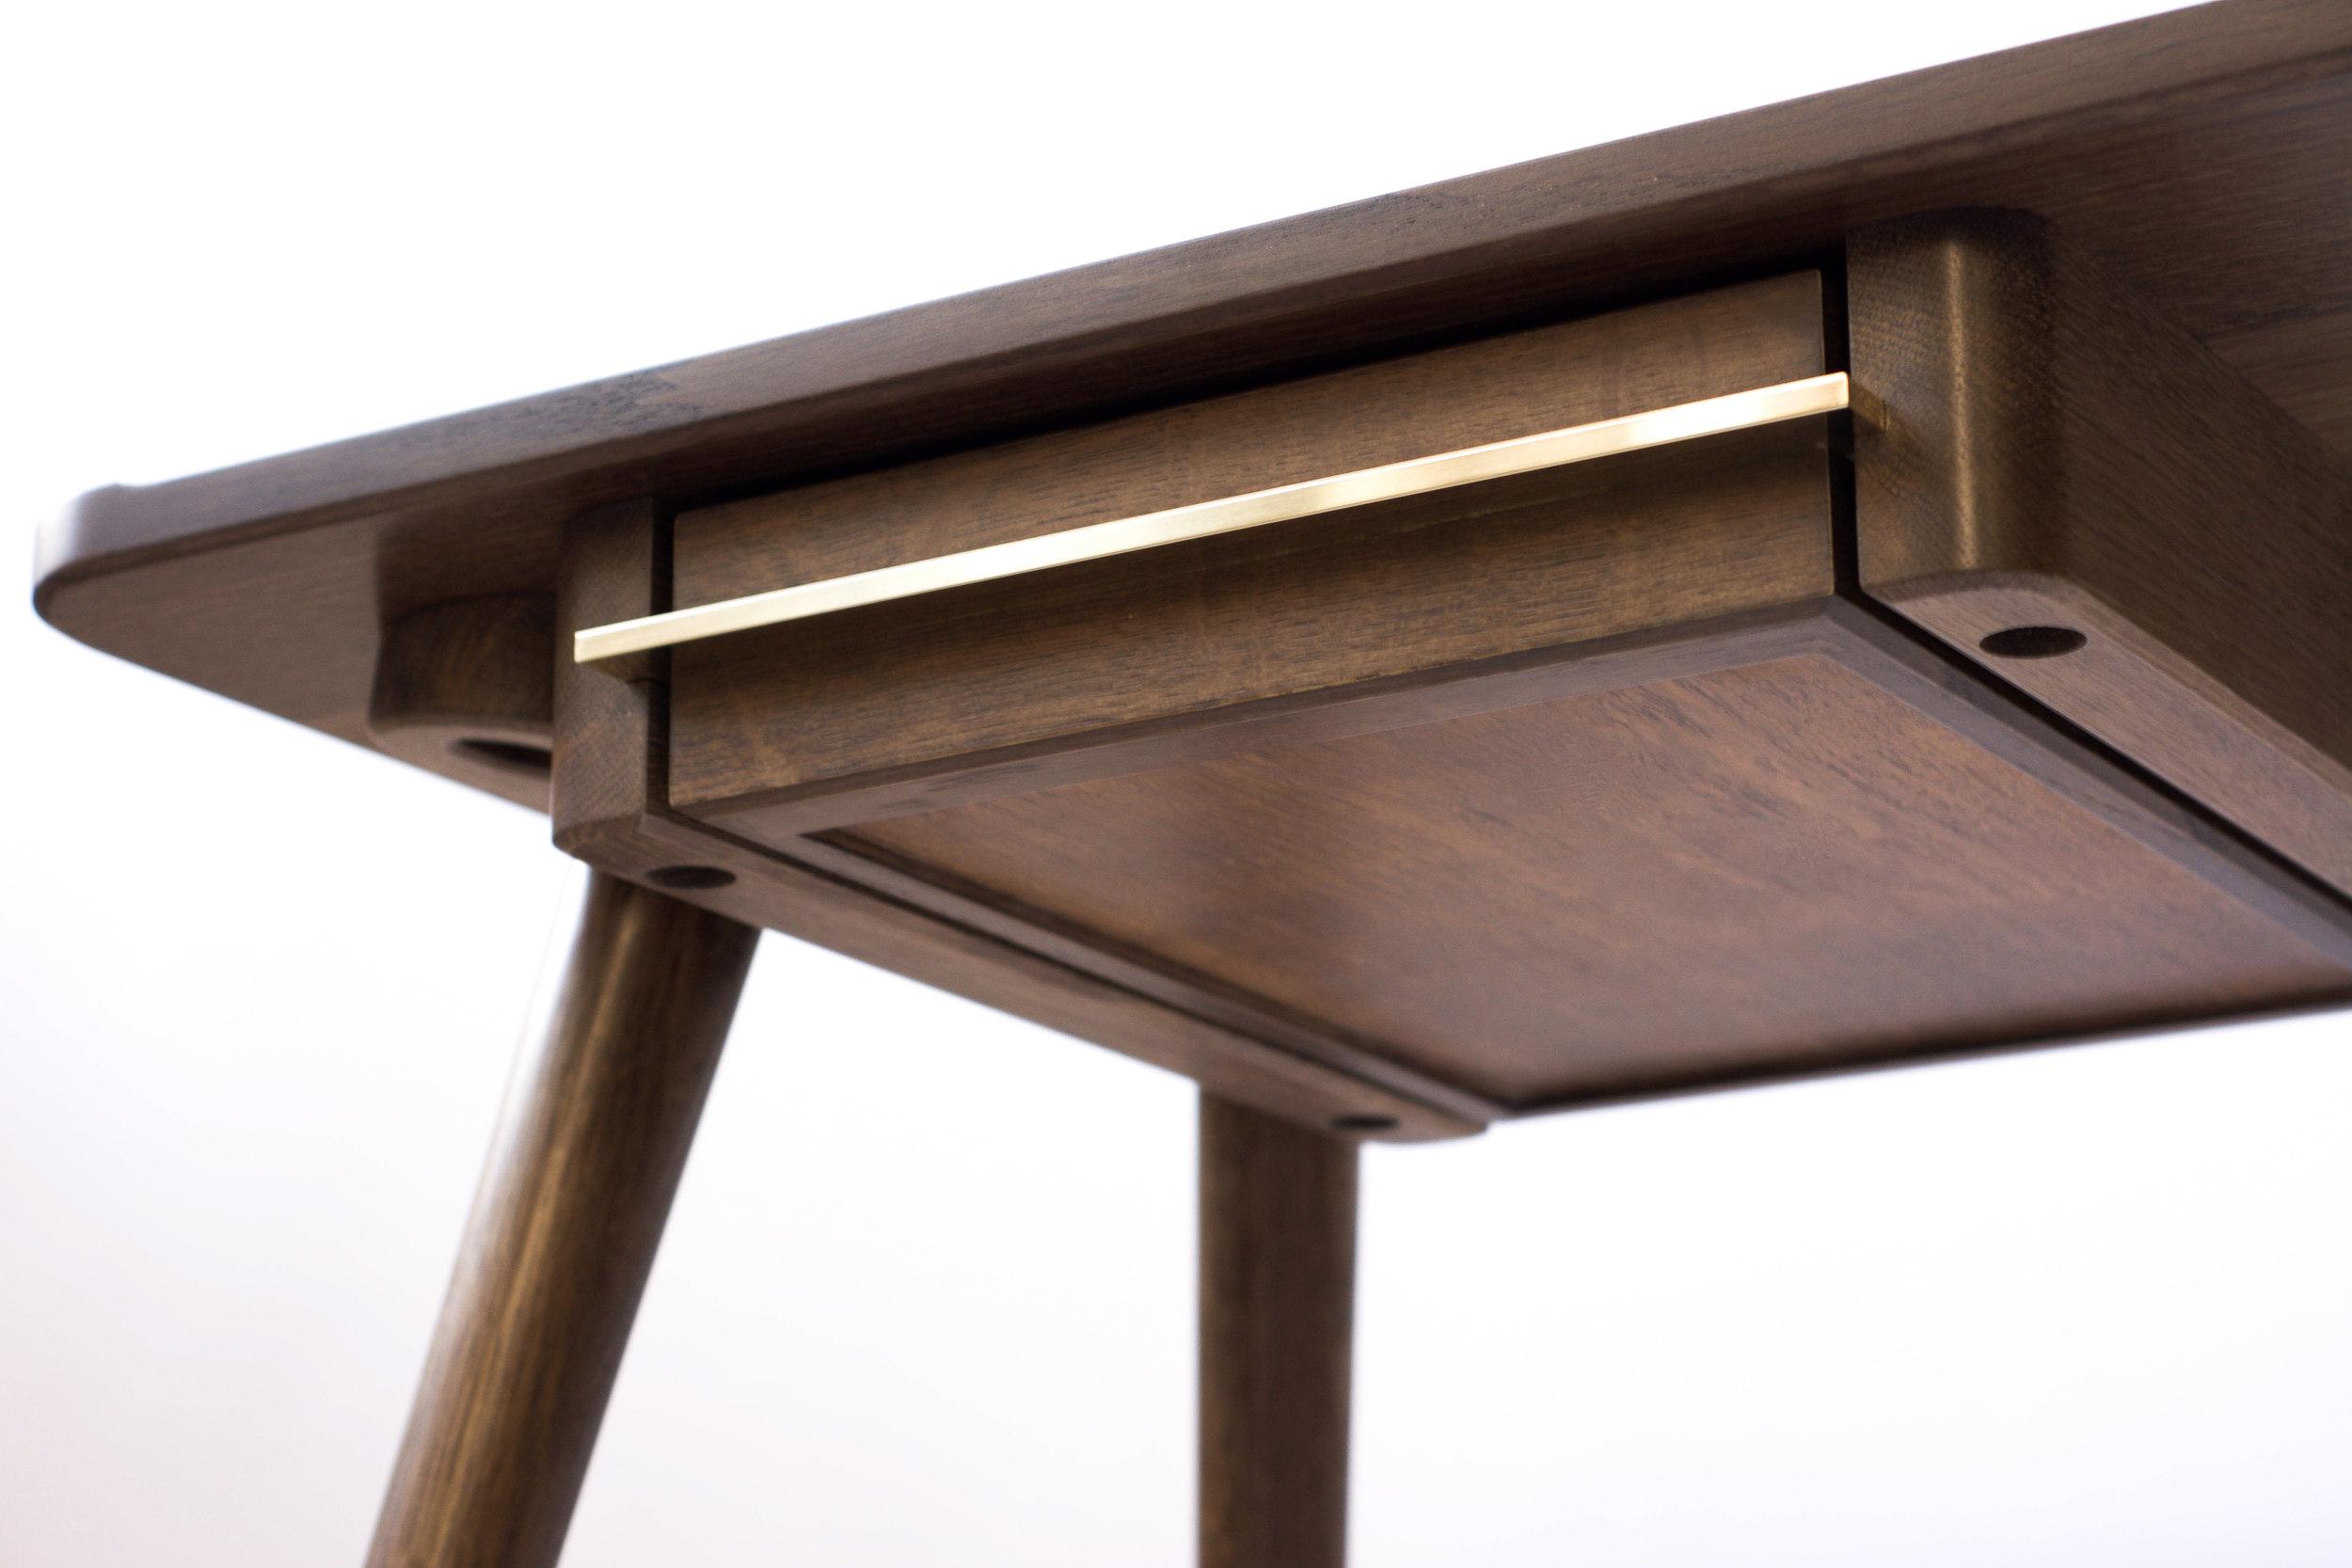 Lightroom Fumed Desk Finished-19.jpg